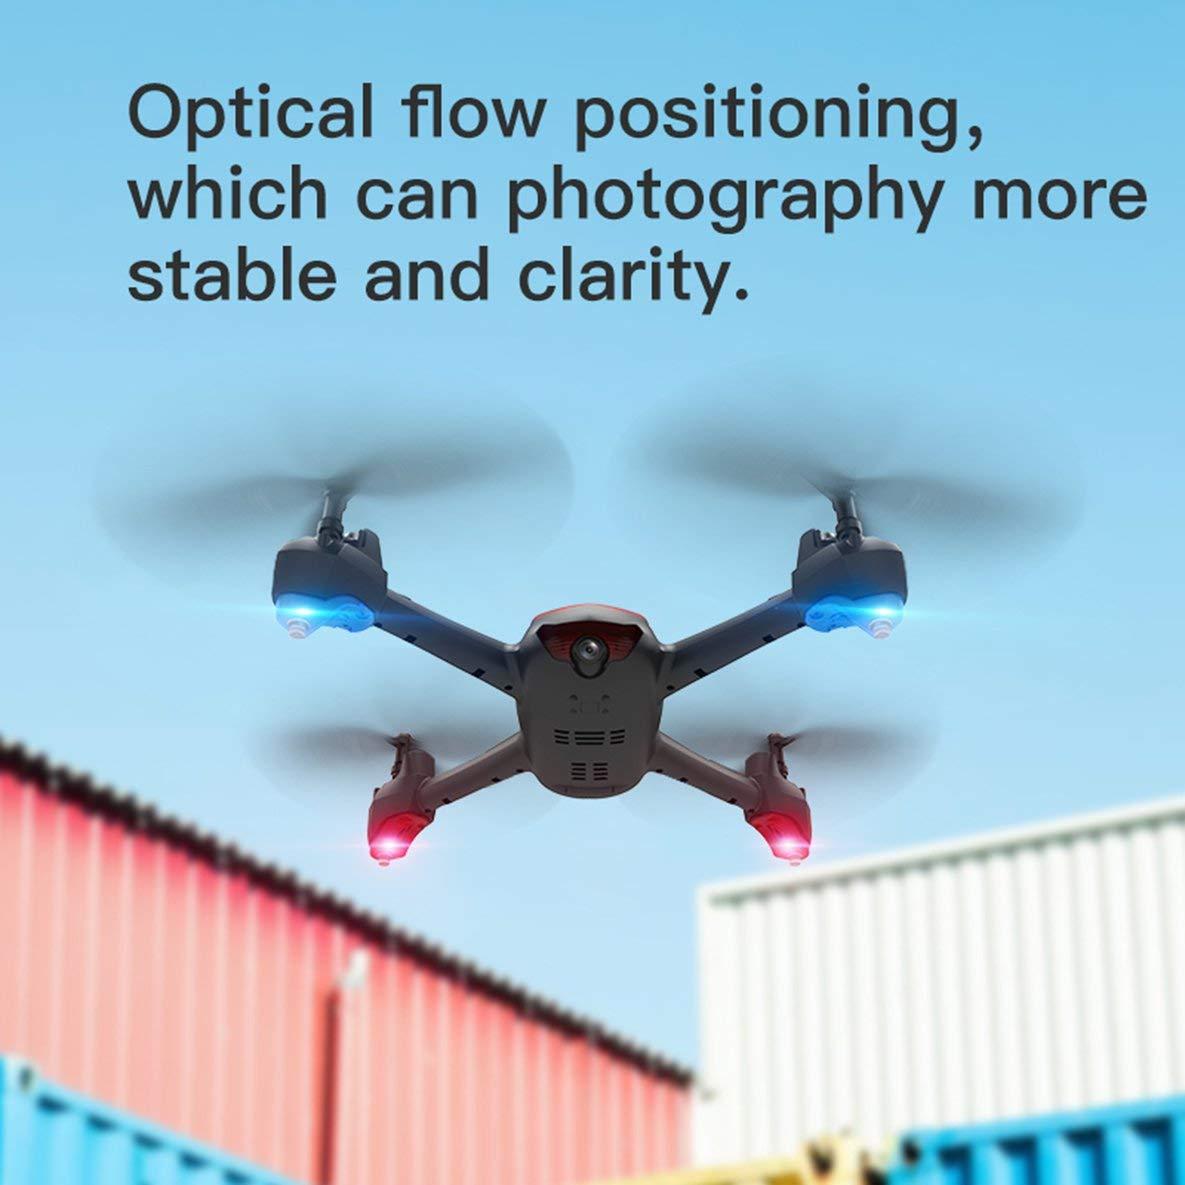 SH2 1080P Quadcopter Aviones de Cuatro Ejes 100 M de Distancia de Control Remoto WiFi Drone Aviones Drone aéreo: Amazon.es: Electrónica